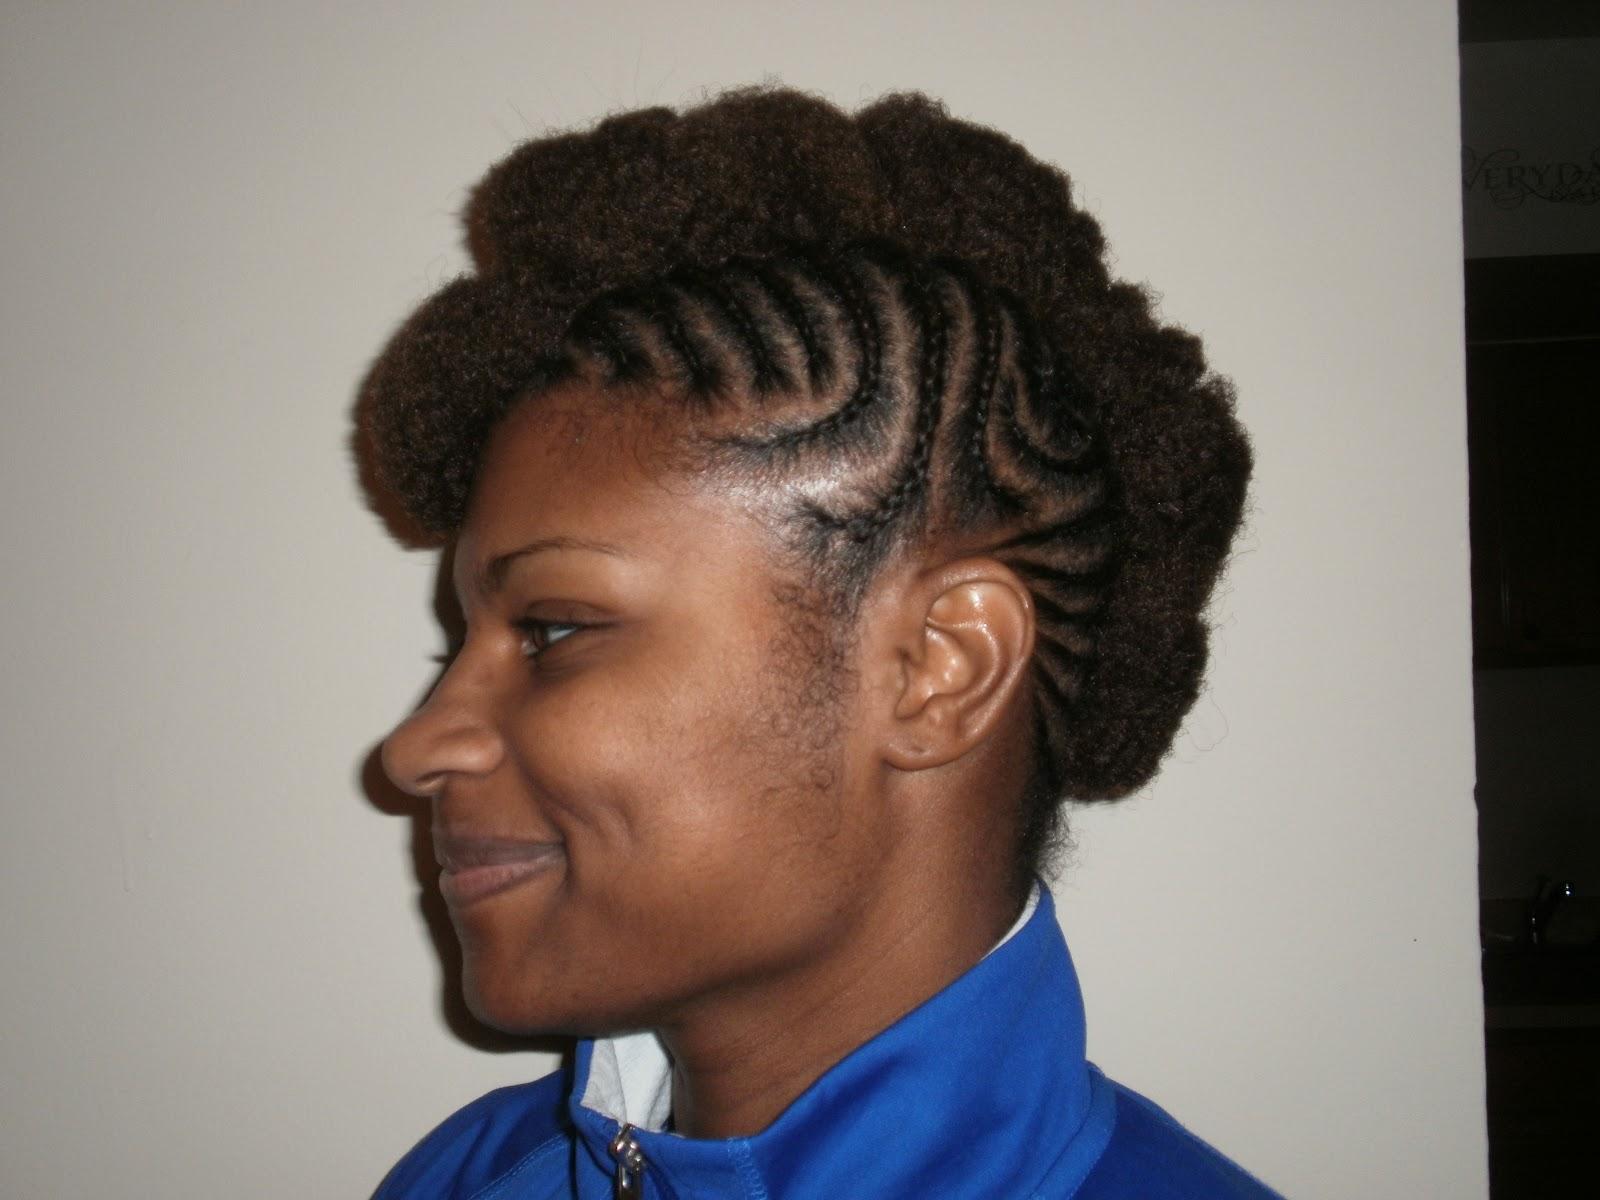 Hair Essentials - MoHawk Braids & Styling